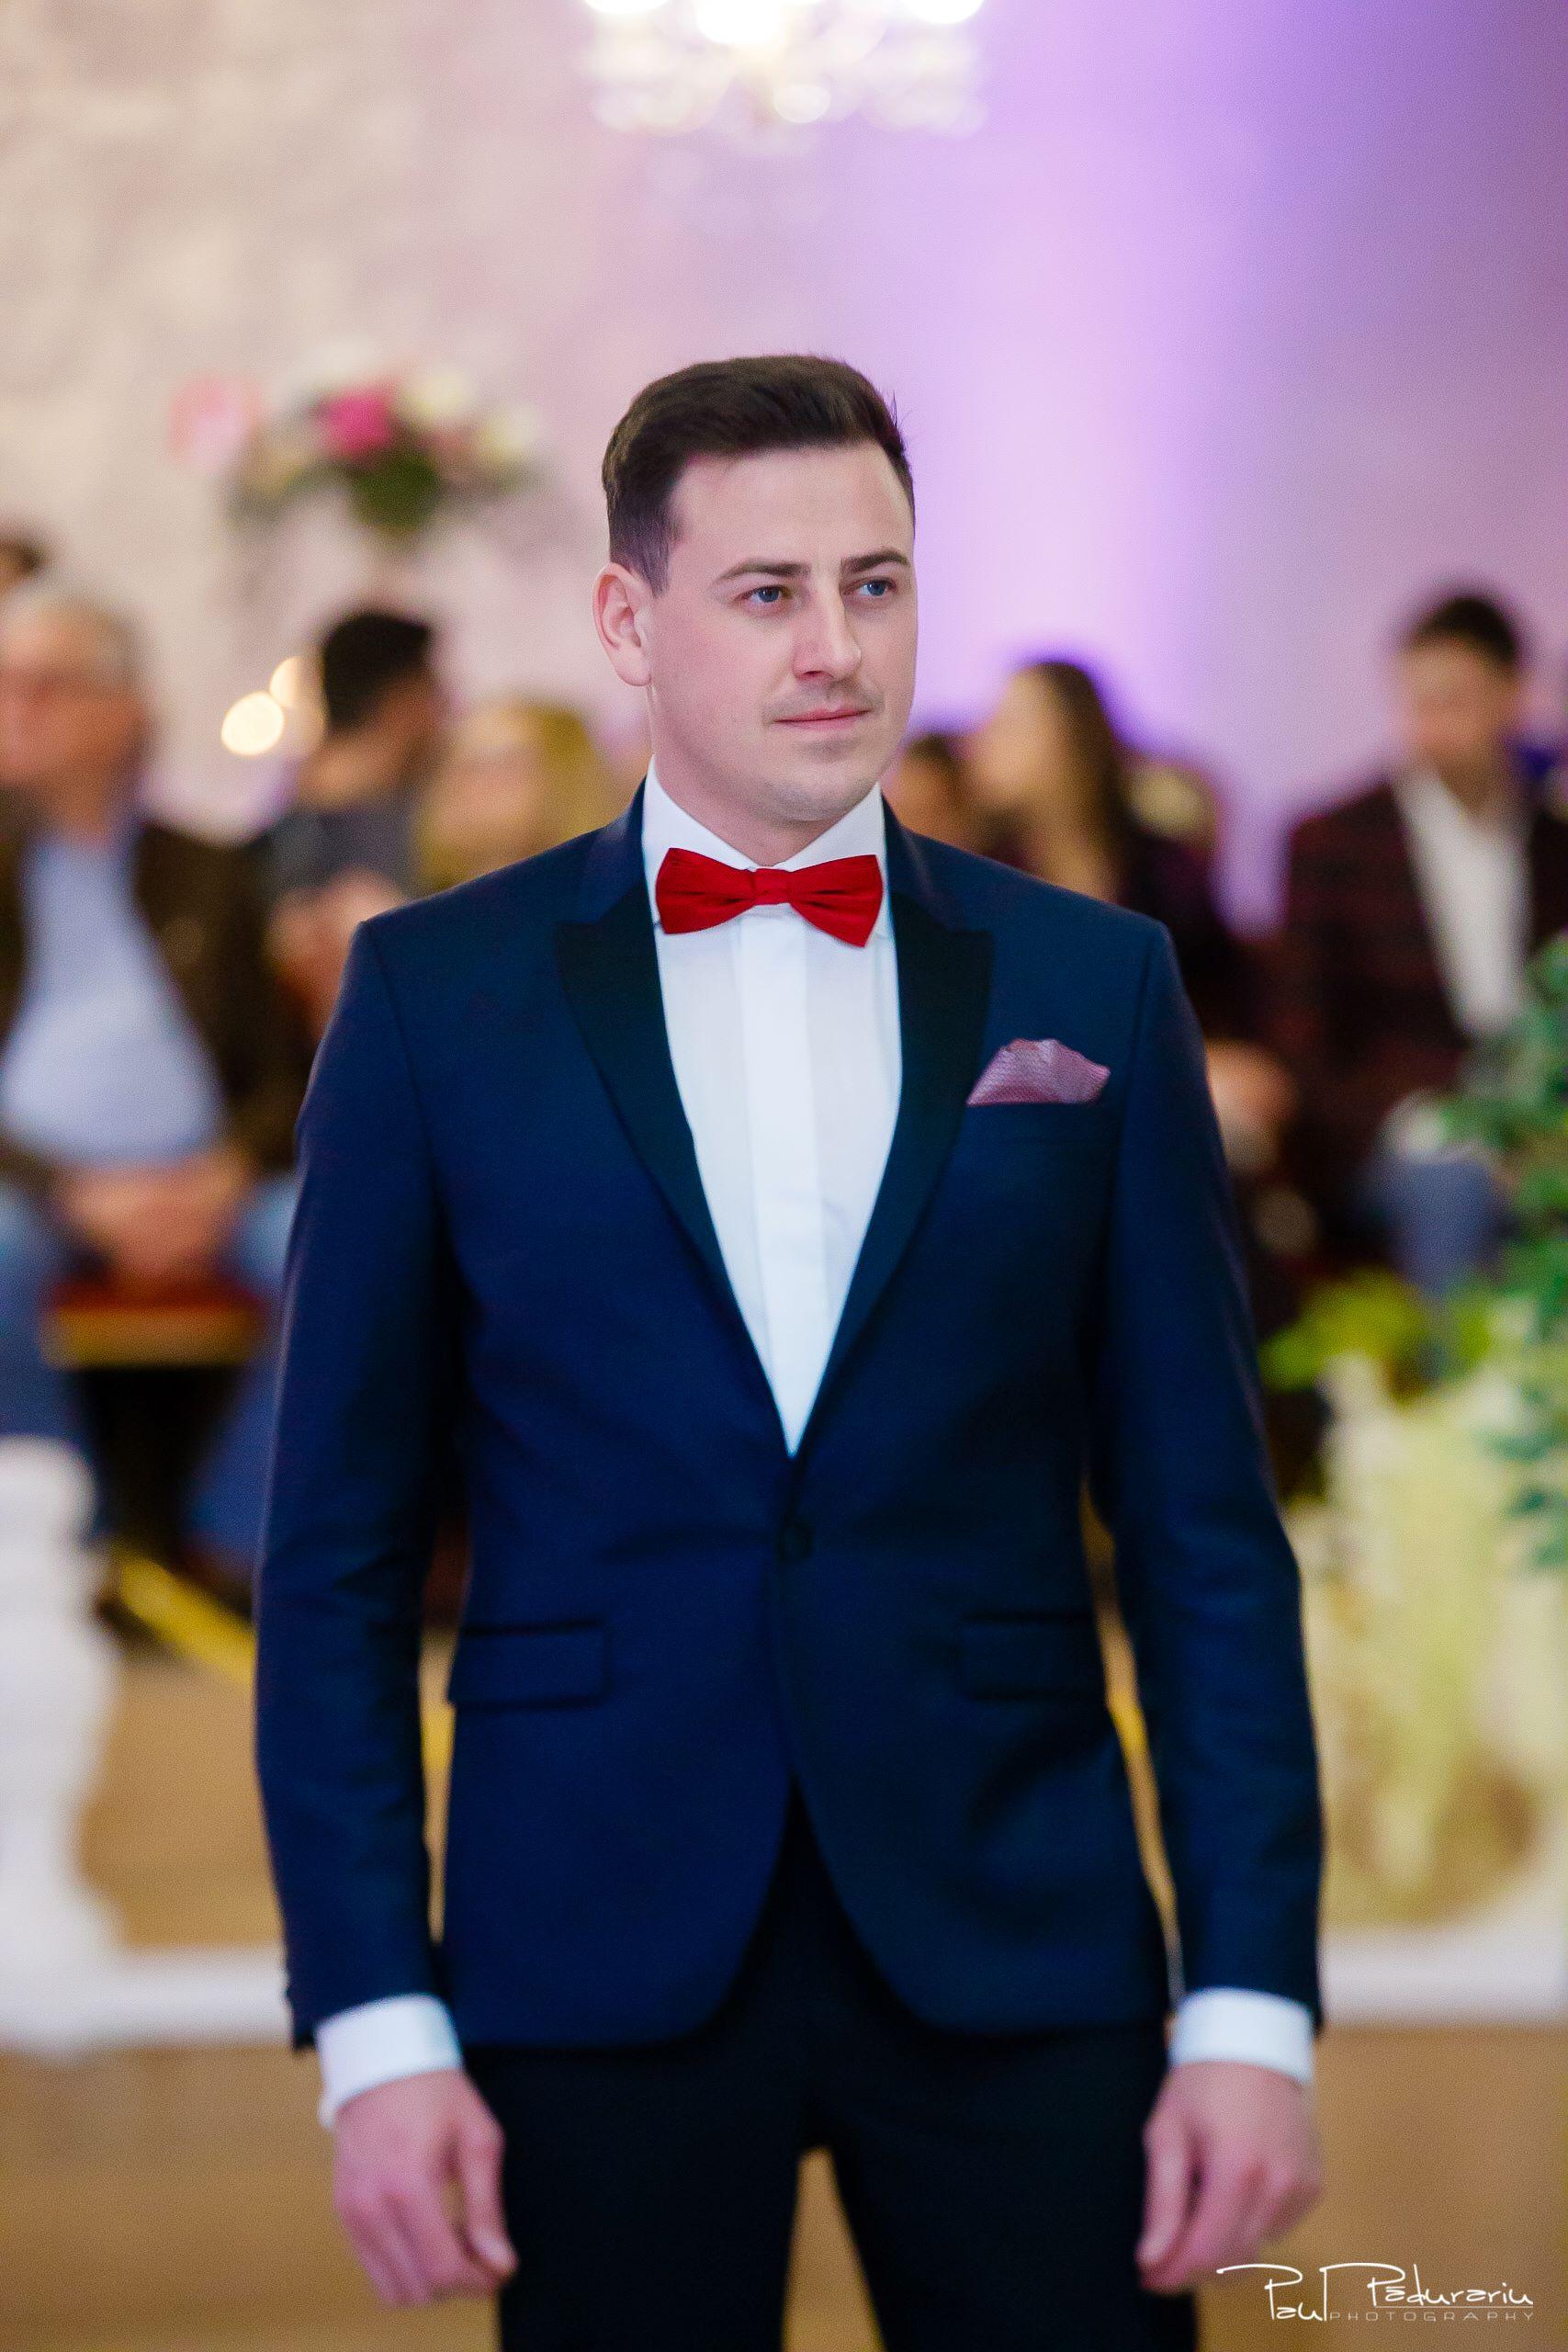 Seroussi | Producător și distribuitor de costume bărbătești colectia 2019 - costum mire - paul padurariu fotograf nunta iasi www.paulpadurariu.ro 10